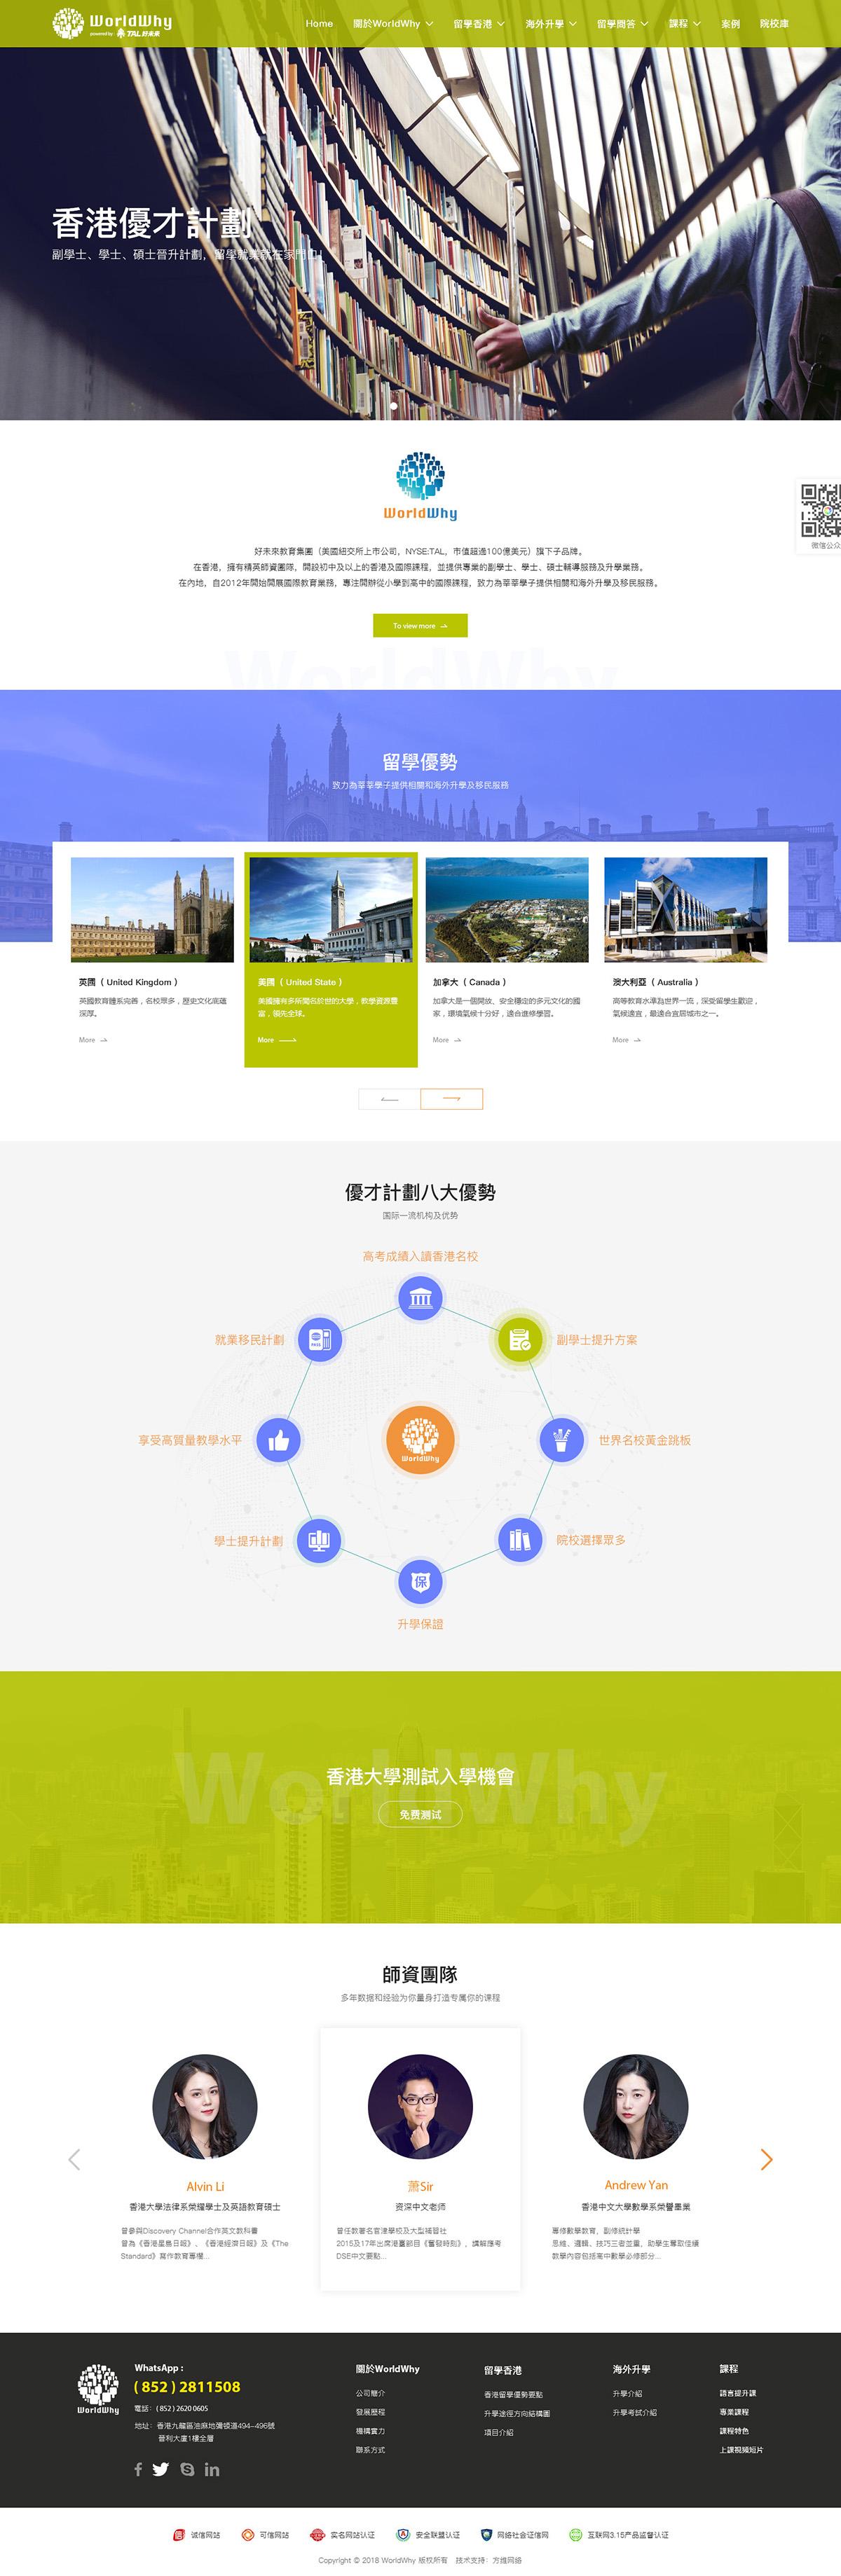 现达企业管理咨询网站案例